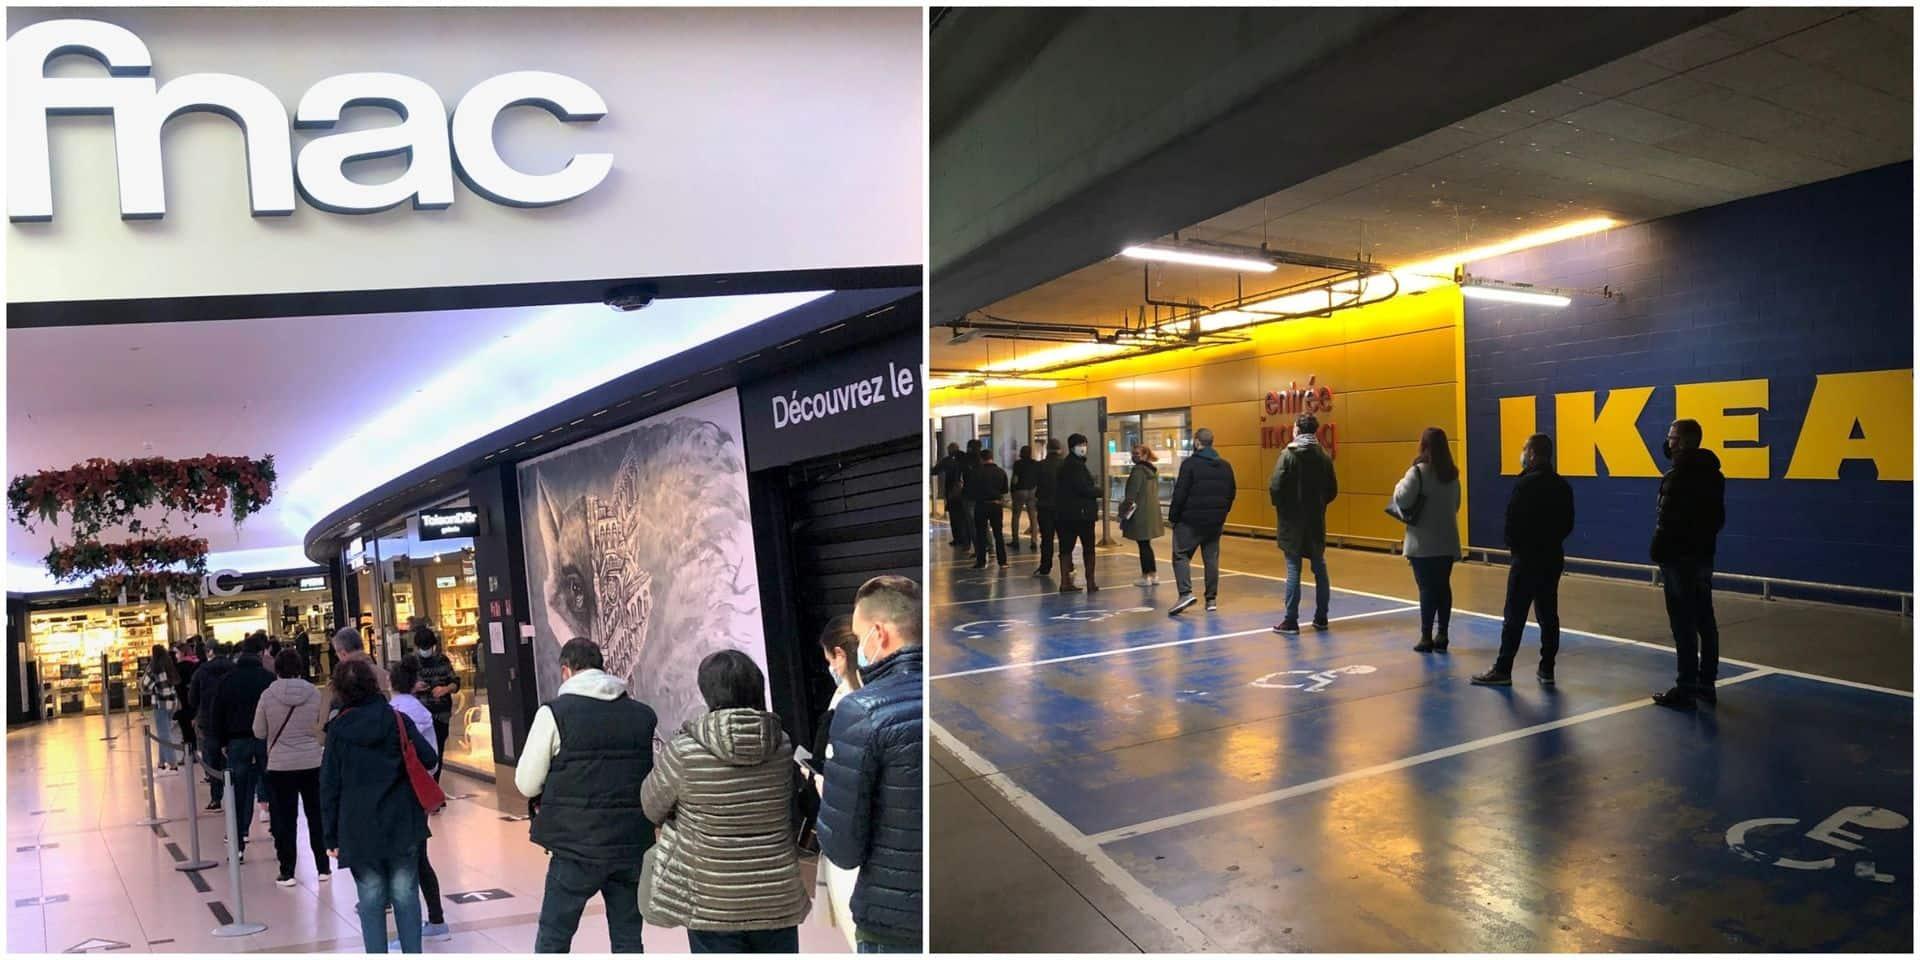 Certains magasins pris d'assaut ce samedi: de longues files devant les Ikea d'Anderlecht et de Zaventem, du monde aussi à la Fnac de la Toison d'Or (PHOTOS + VIDEOS)